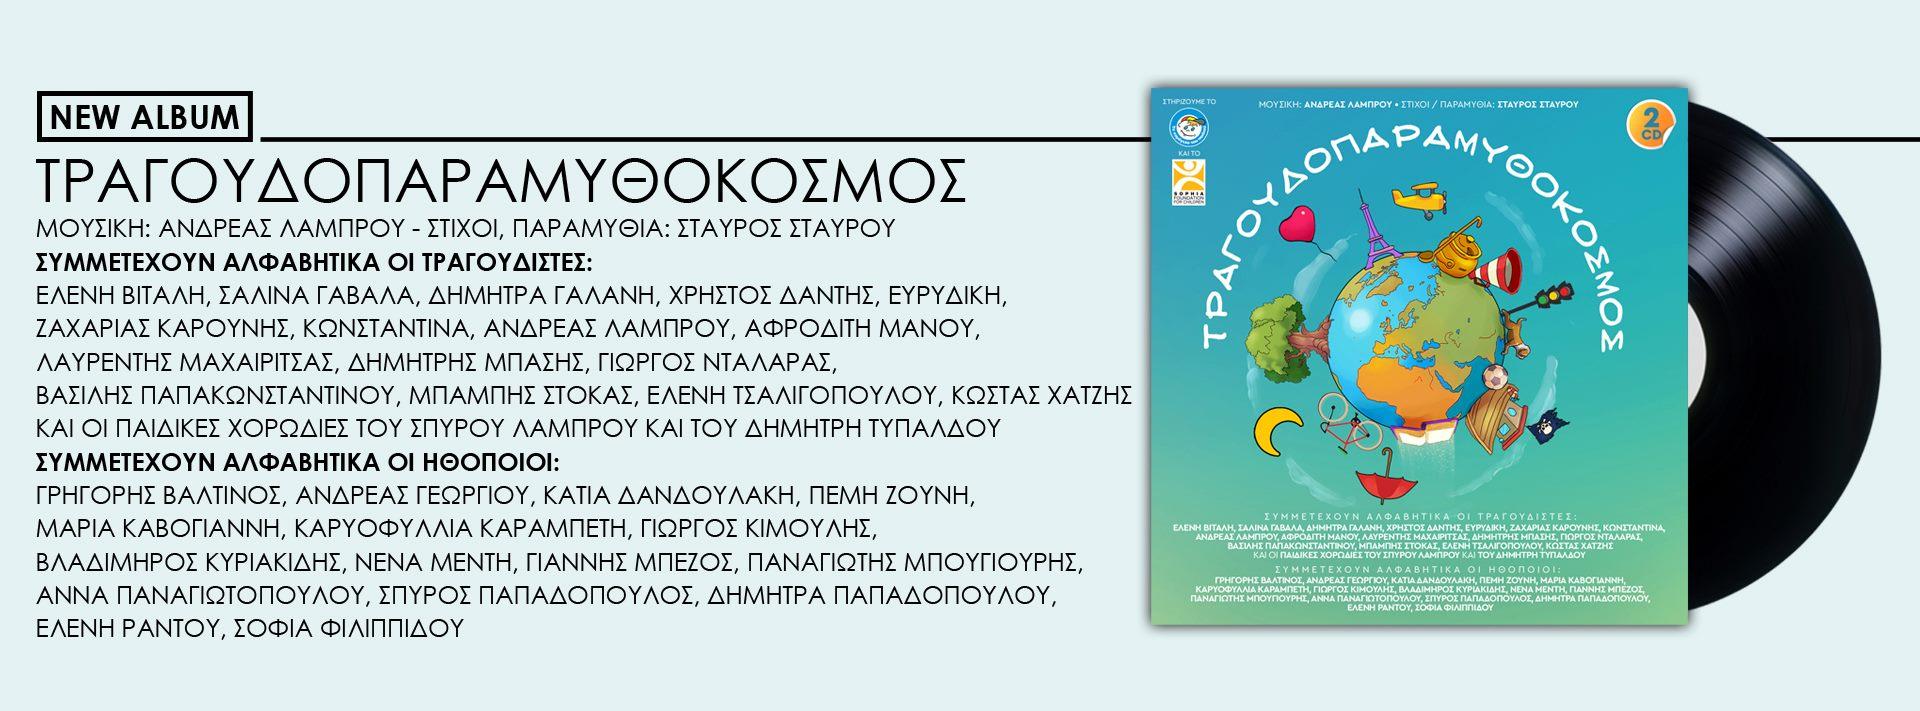 16 νέα παιδικά τραγούδια και παραμύθια που θα σας ενθουσιάσουν – Thisisus.gr